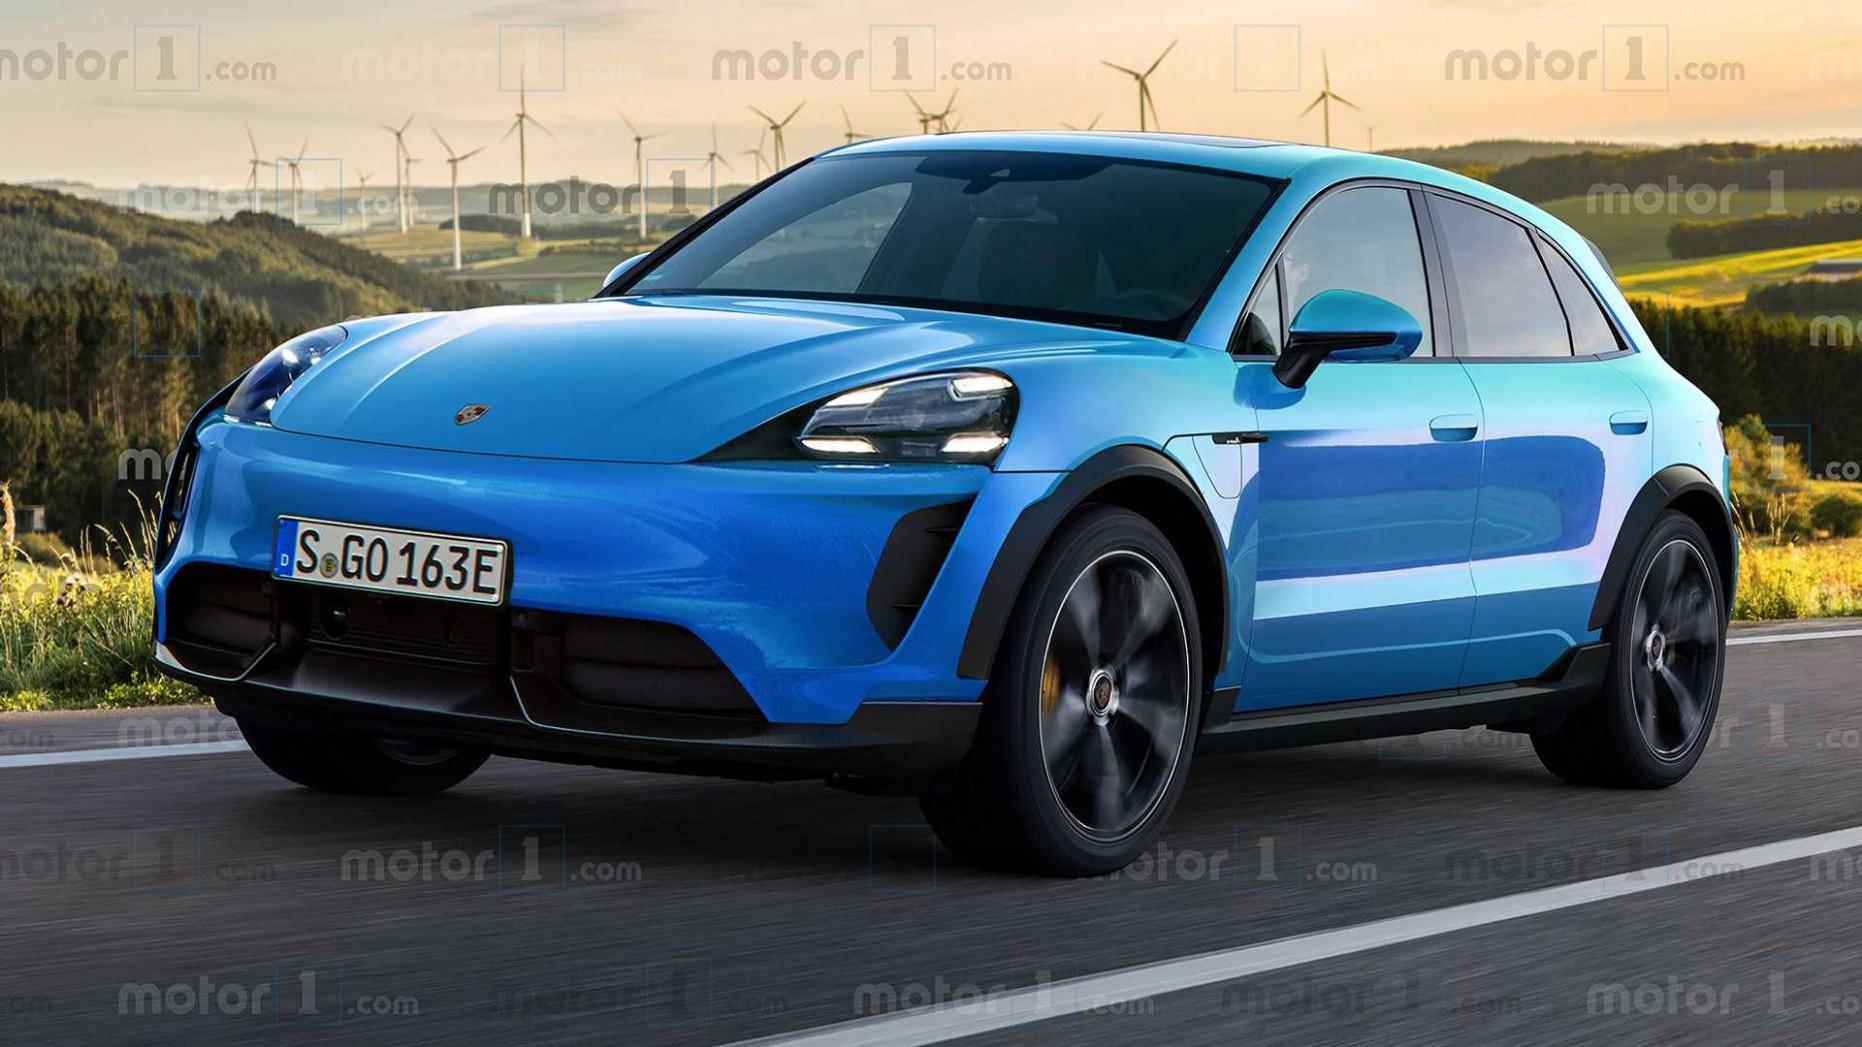 Release 2022 Porsche Macan Turbo